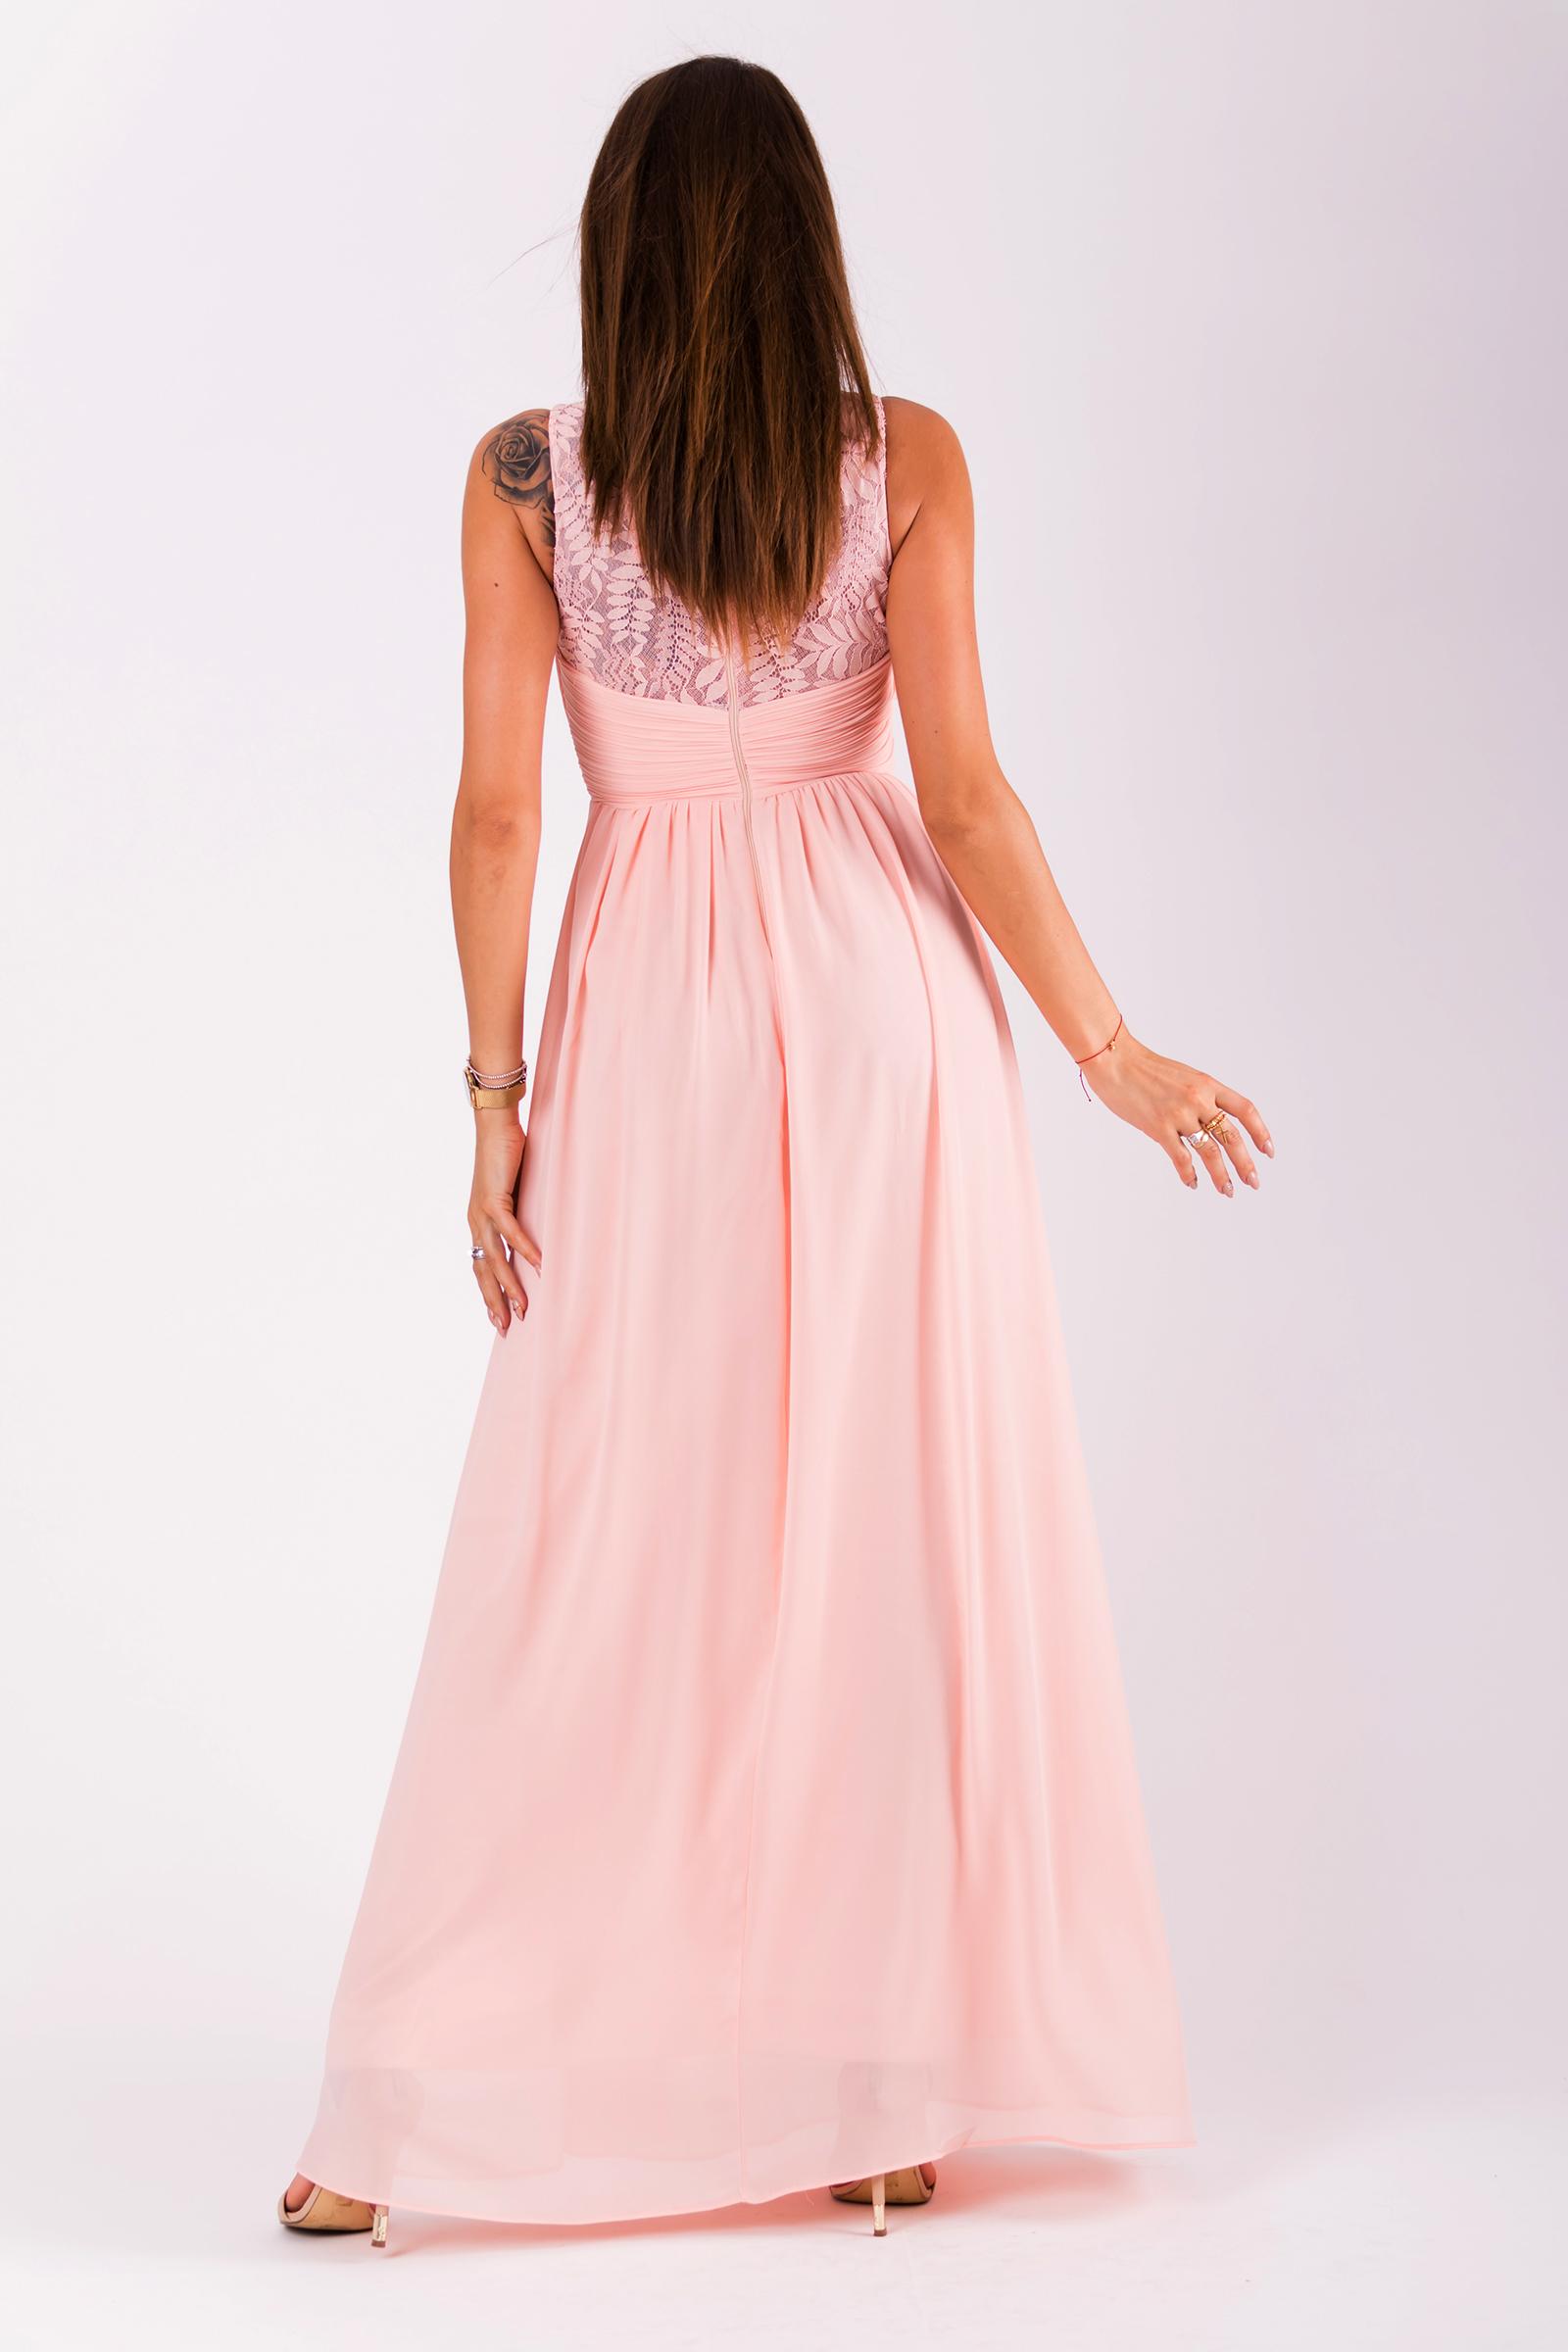 74f49ad95d88 Dámské společenské dlouhé šaty bez rukávů Dámské společenské dlouhé šaty  bez rukávů empty